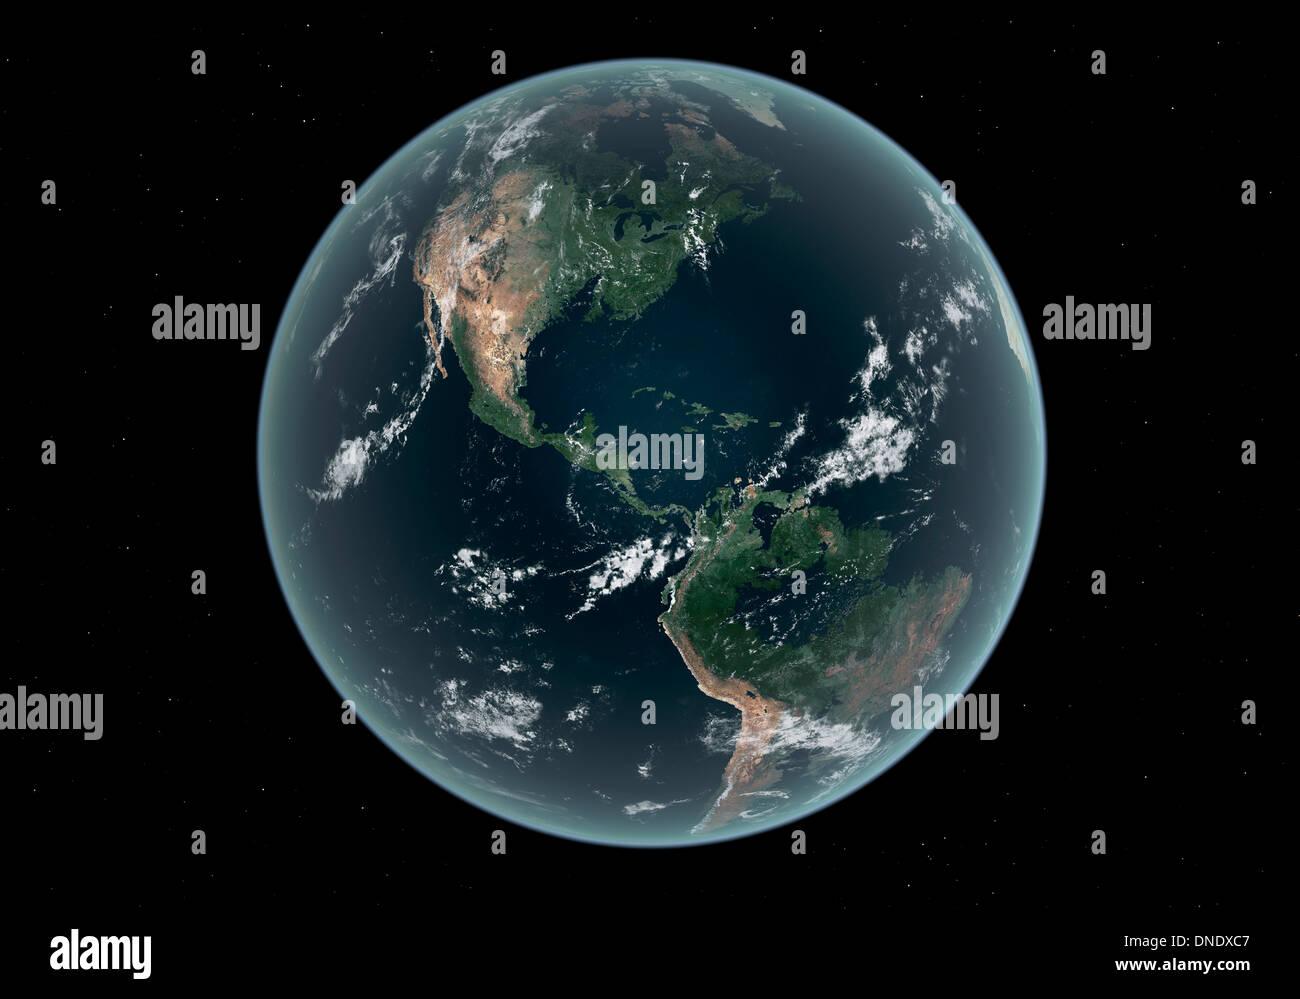 Tierra del hemisferio occidental con el aumento del nivel del mar de 330 pies por encima de la media. Imagen De Stock